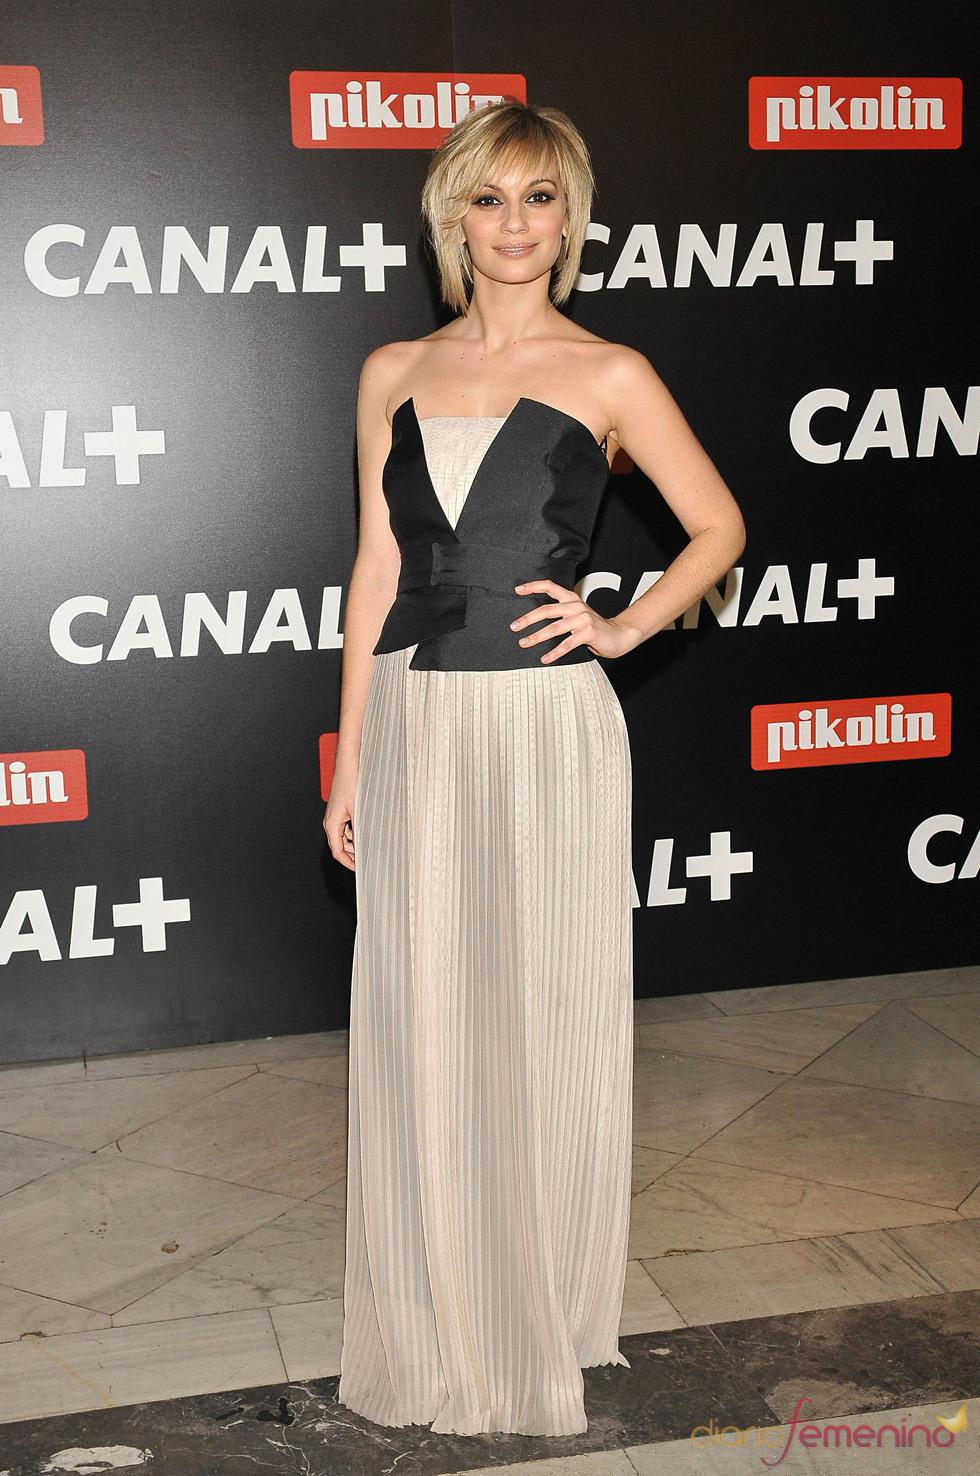 Norma Ruiz en la Fiesta de los Oscars 2010 de Canal+